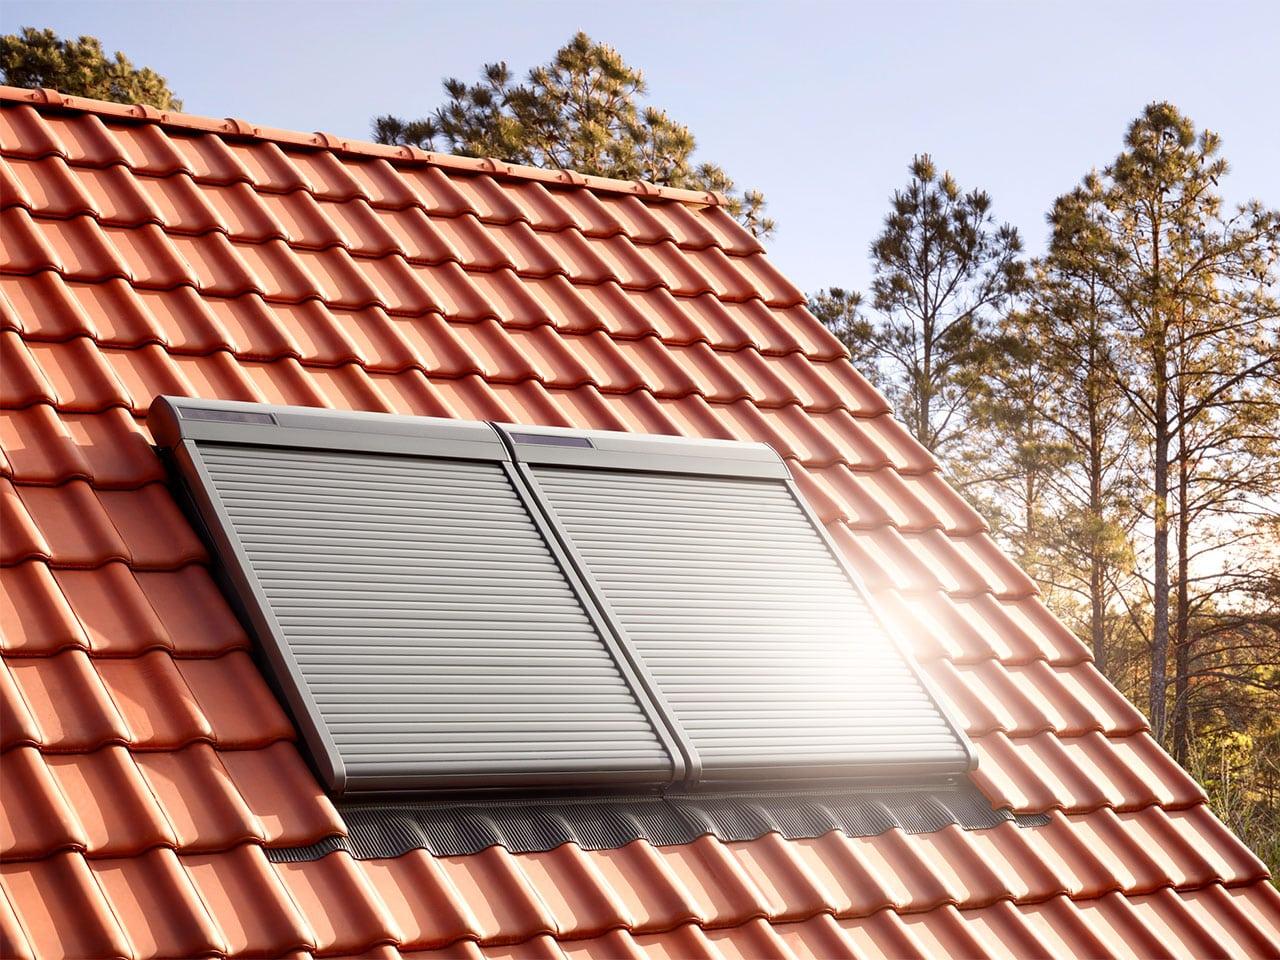 velux-rollladen-solar-aussenansicht-1280x960-min